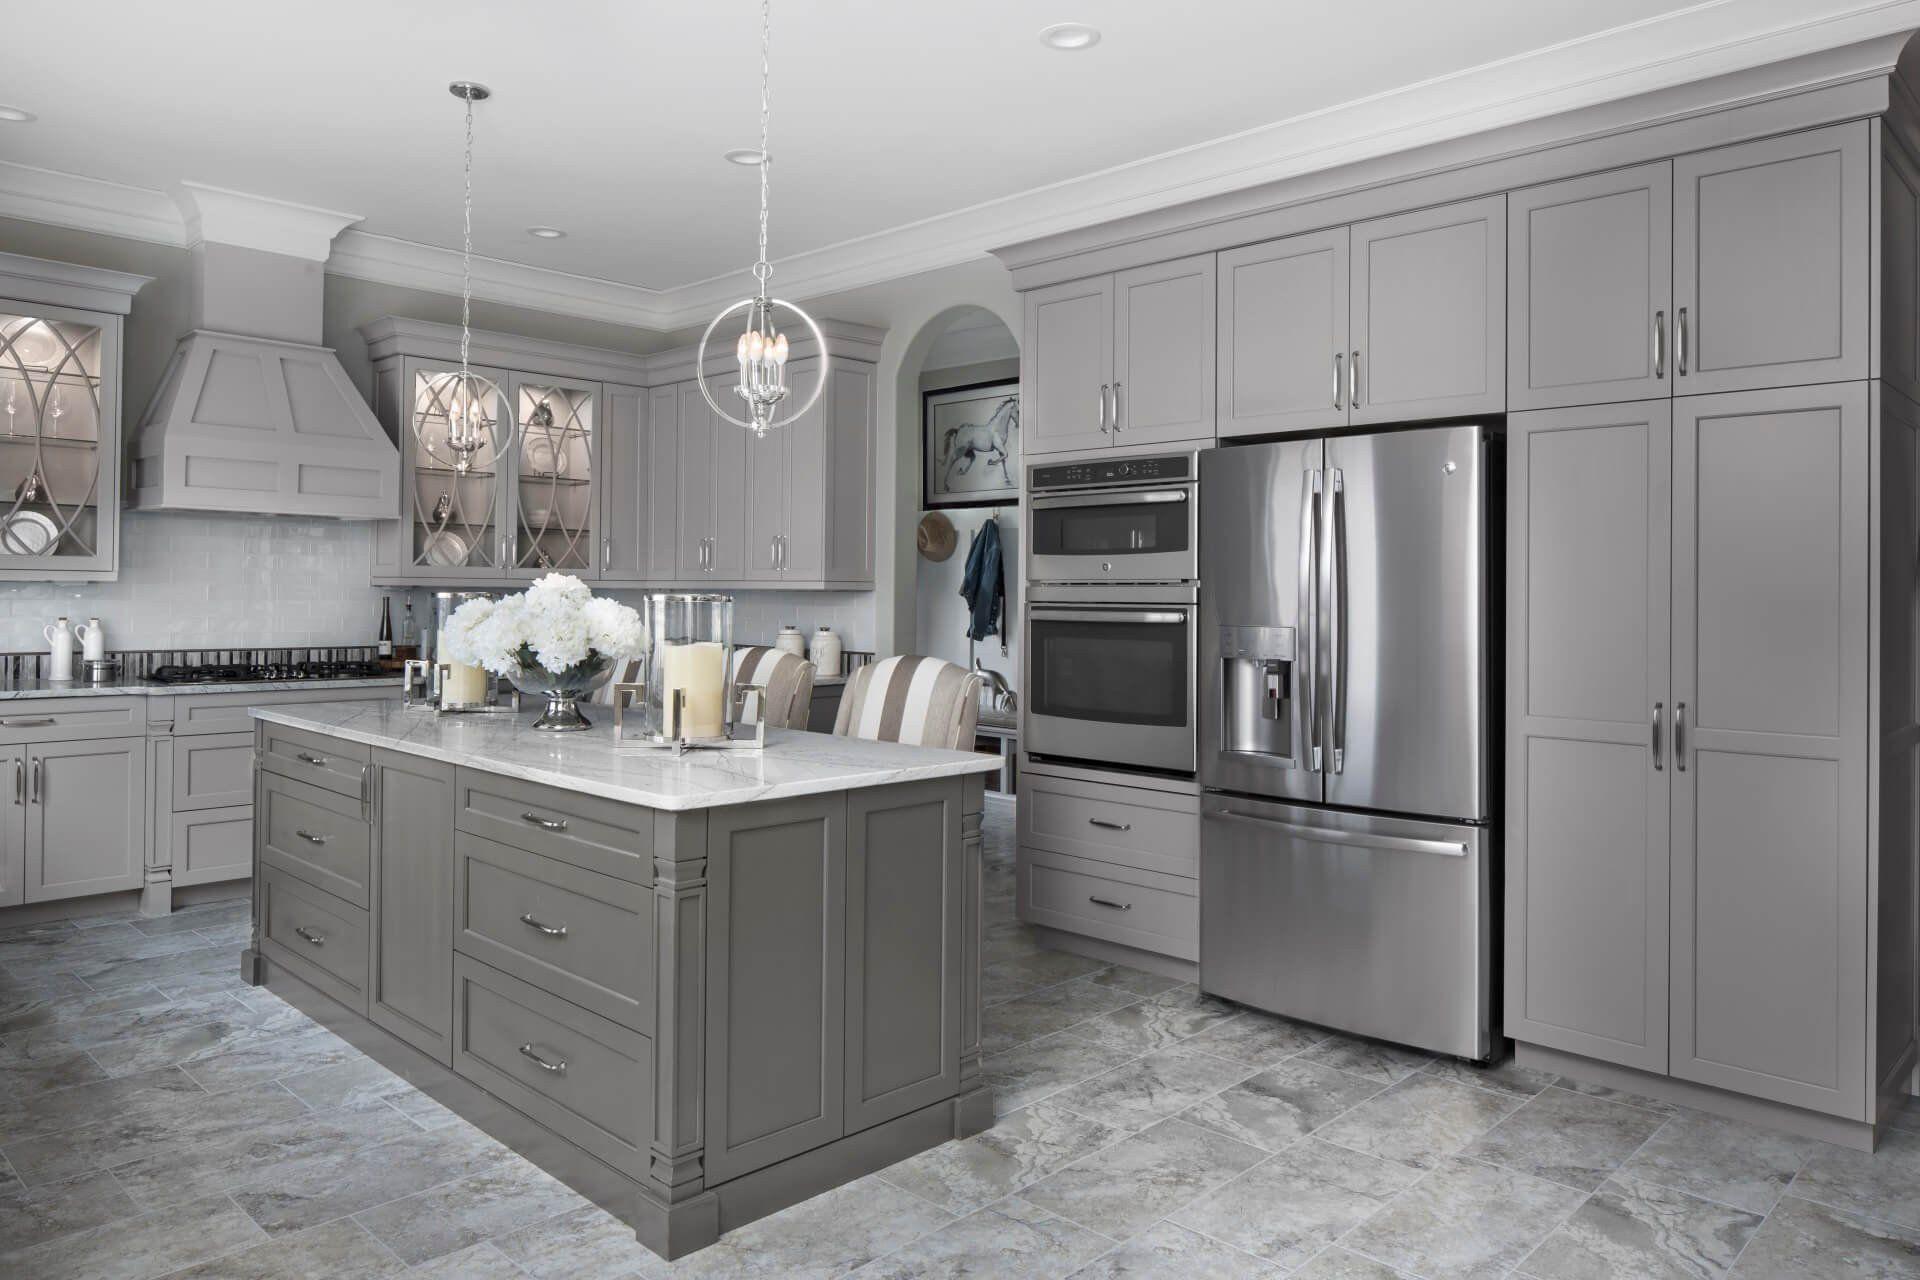 Brookhaven Ii Kitchen Home Decor Kitchen Interior Design Kitchen Kitchen Renovation